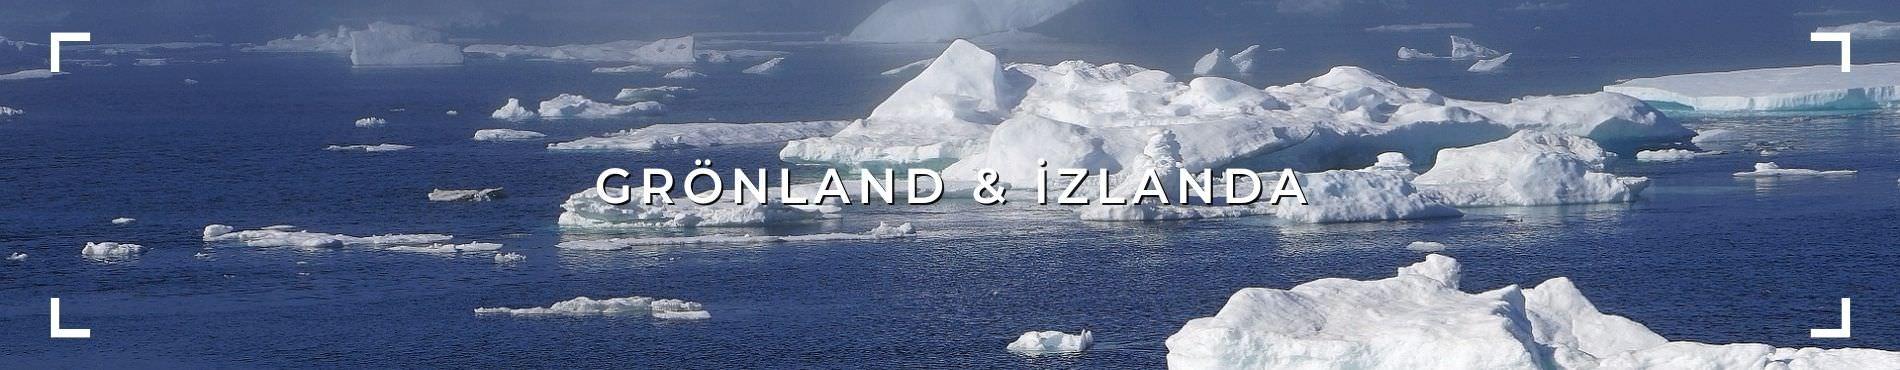 GRÖNLAND & İZLANDA TURU